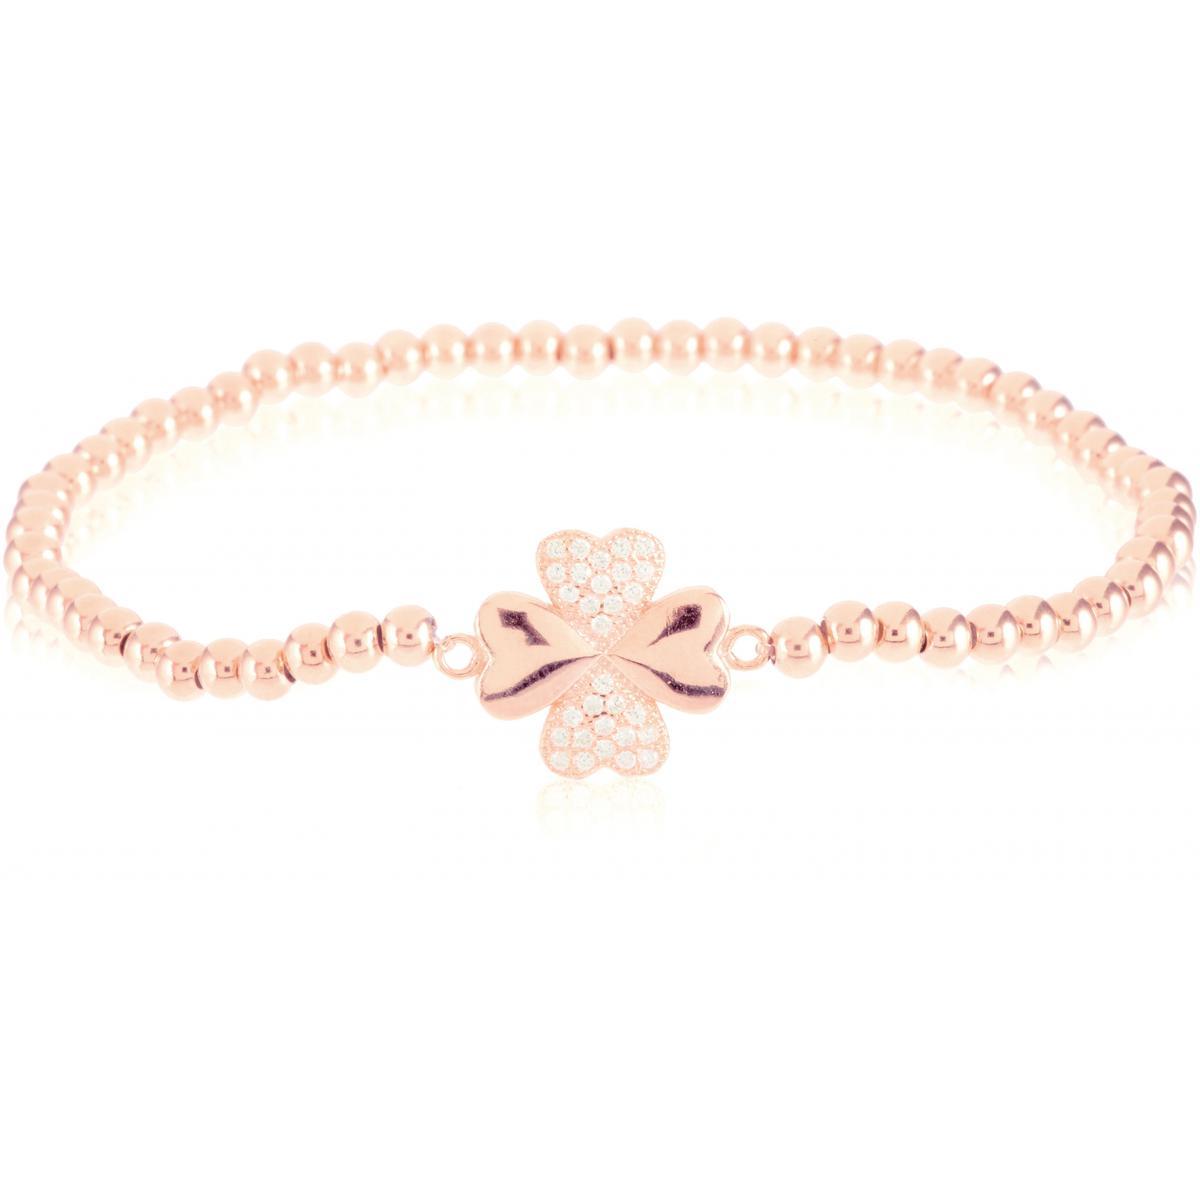 Bracelet Luxenter BH008R00 - Bracelet Trefle Rose Femme